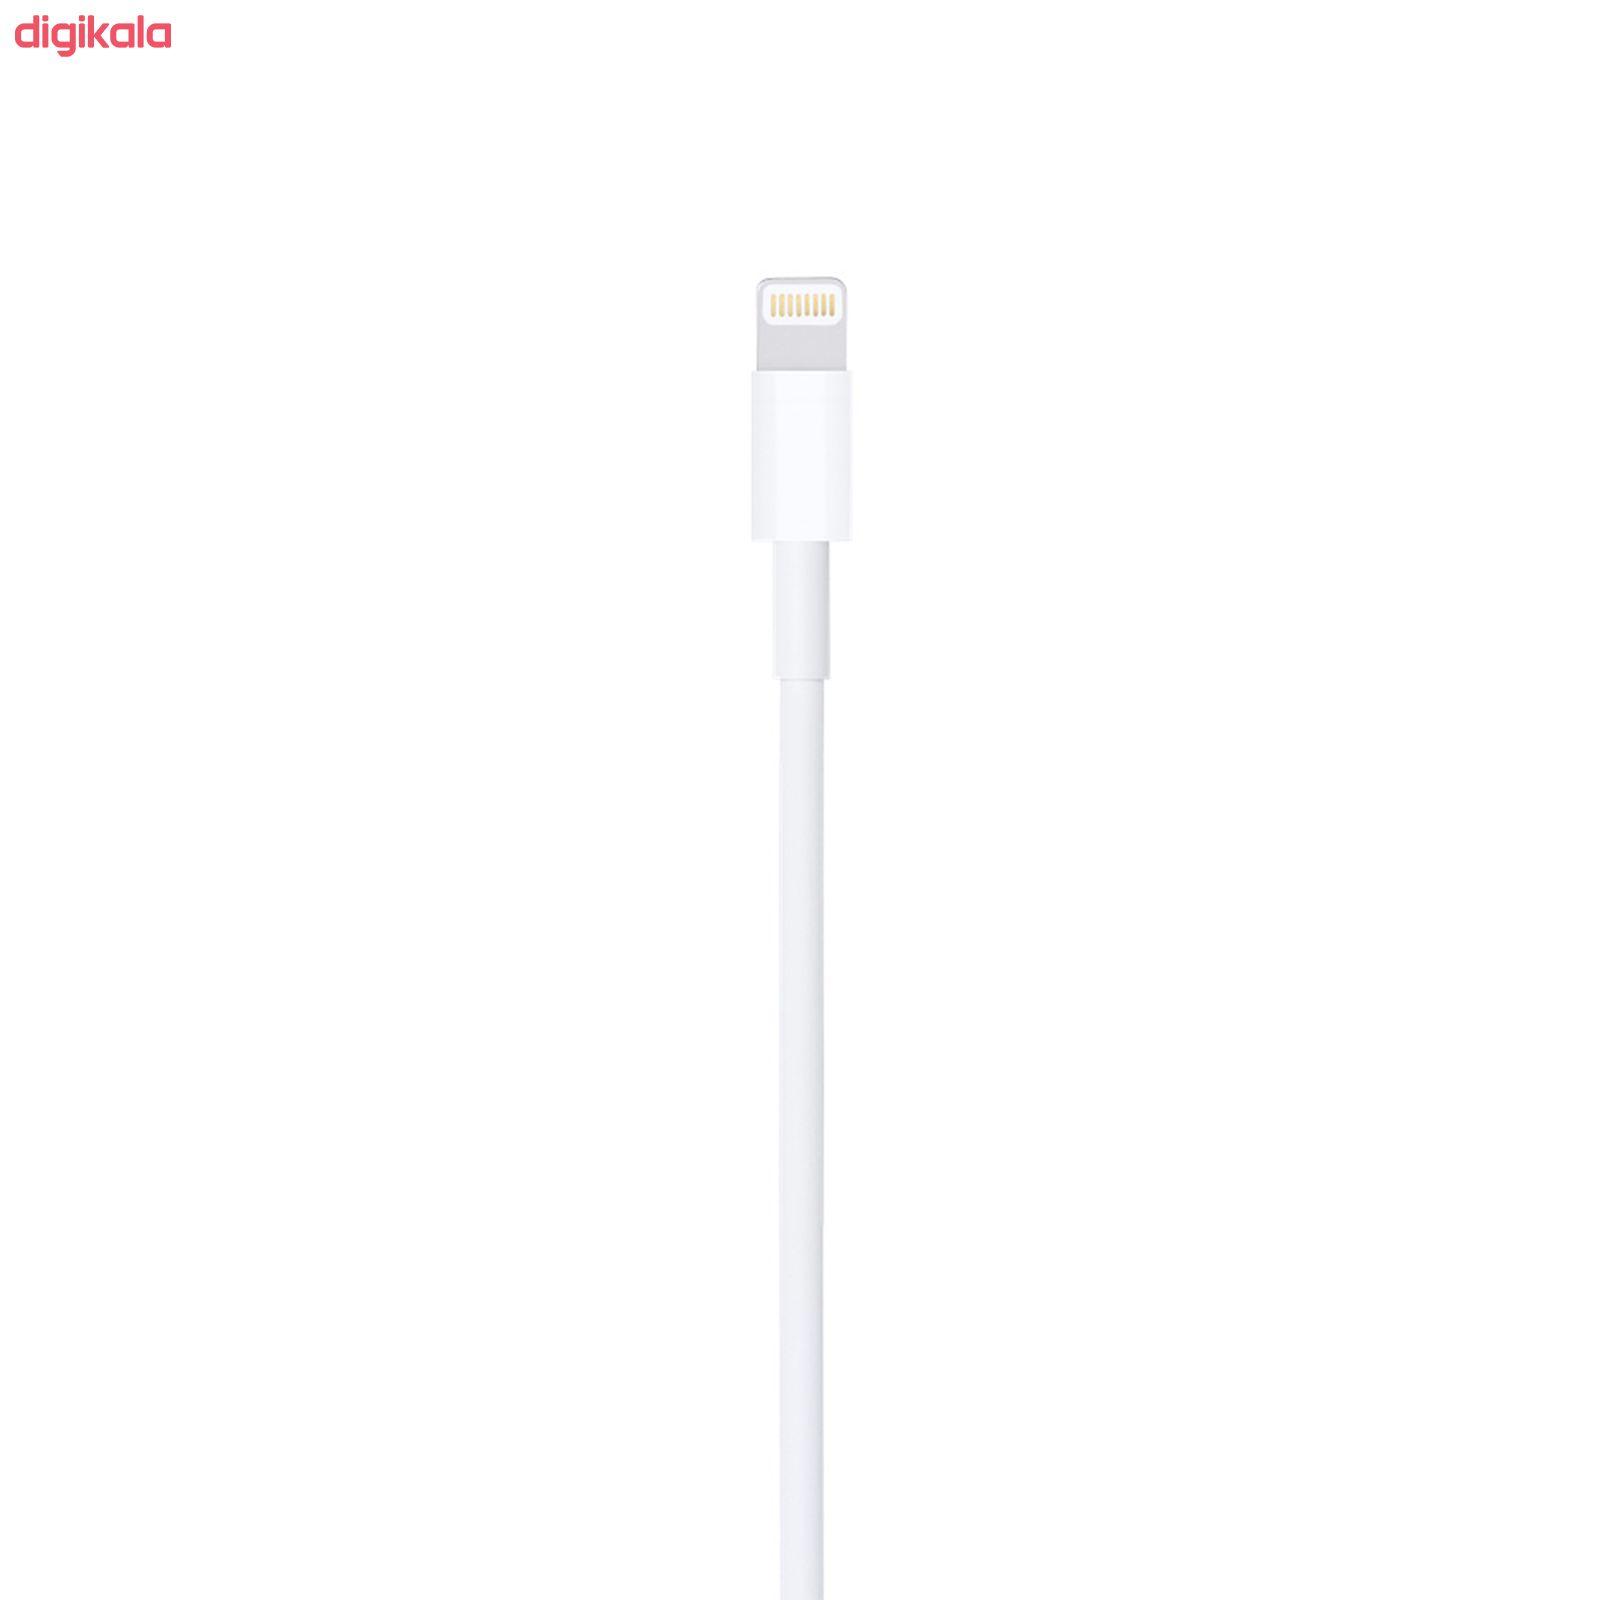 کابل تبدیل USB به لایتنینگ مدل MD818M/ZQ طول 1 متر main 1 3